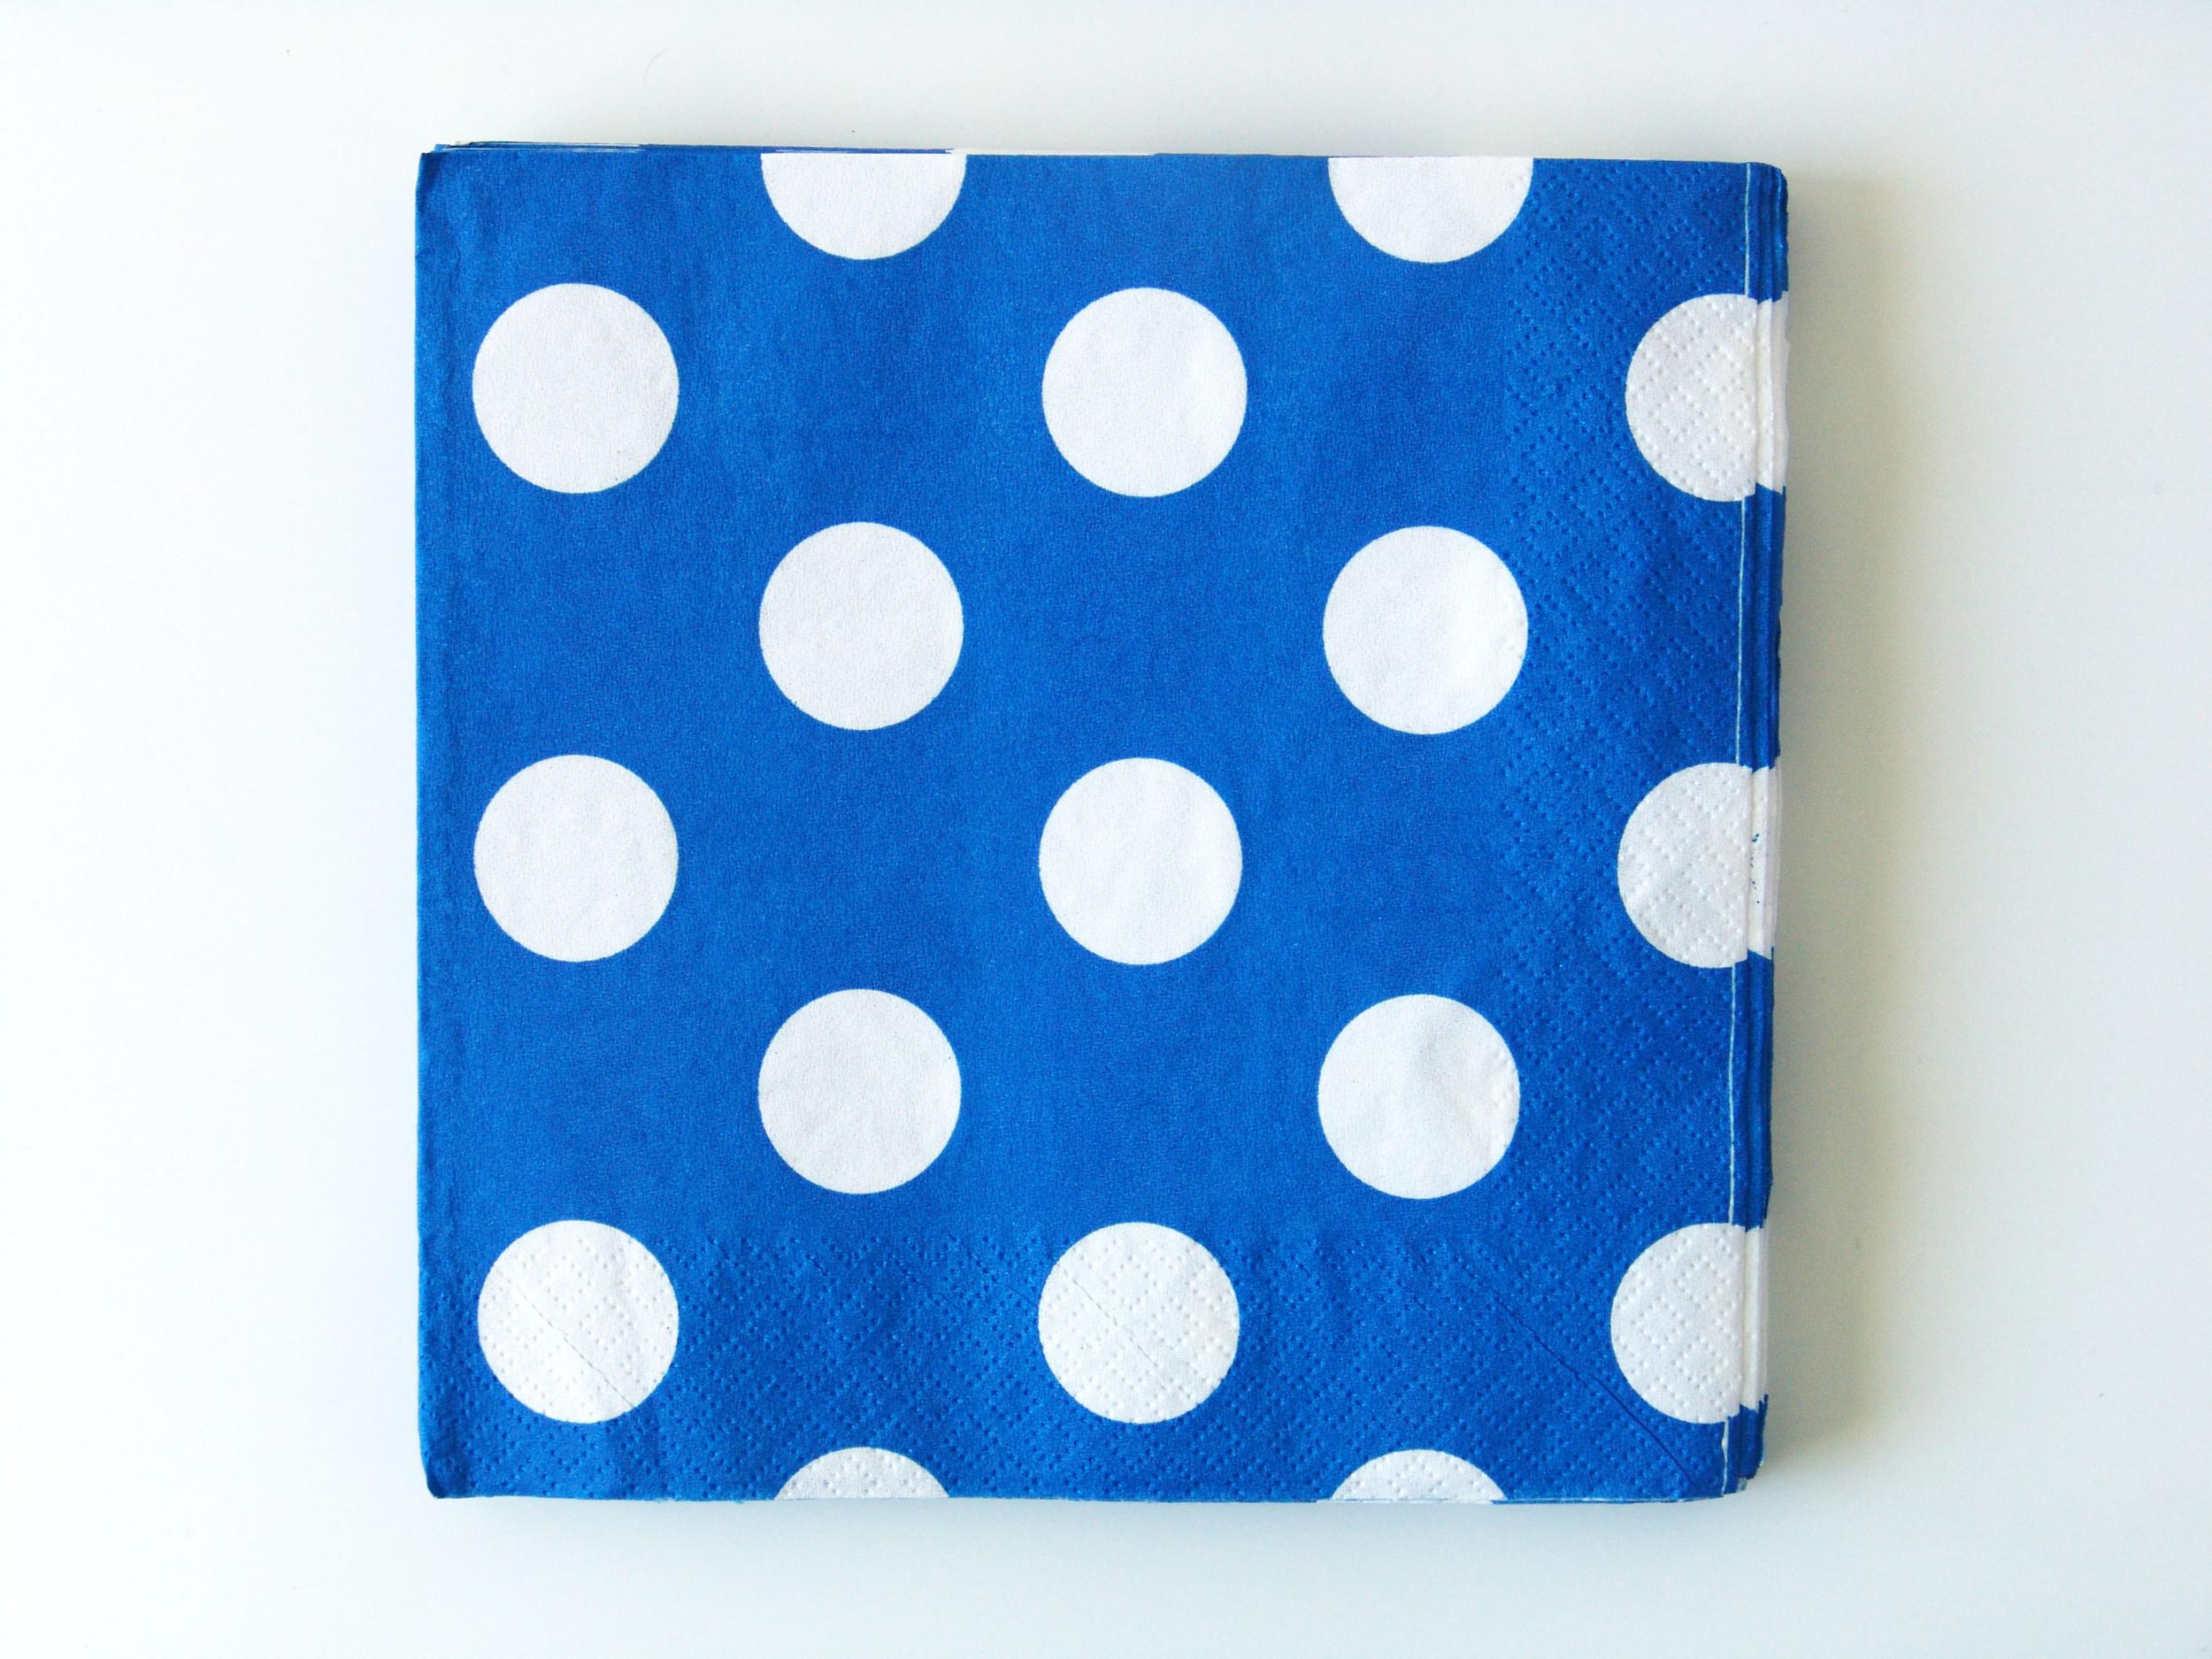 16 serviettes jetables à gros pois